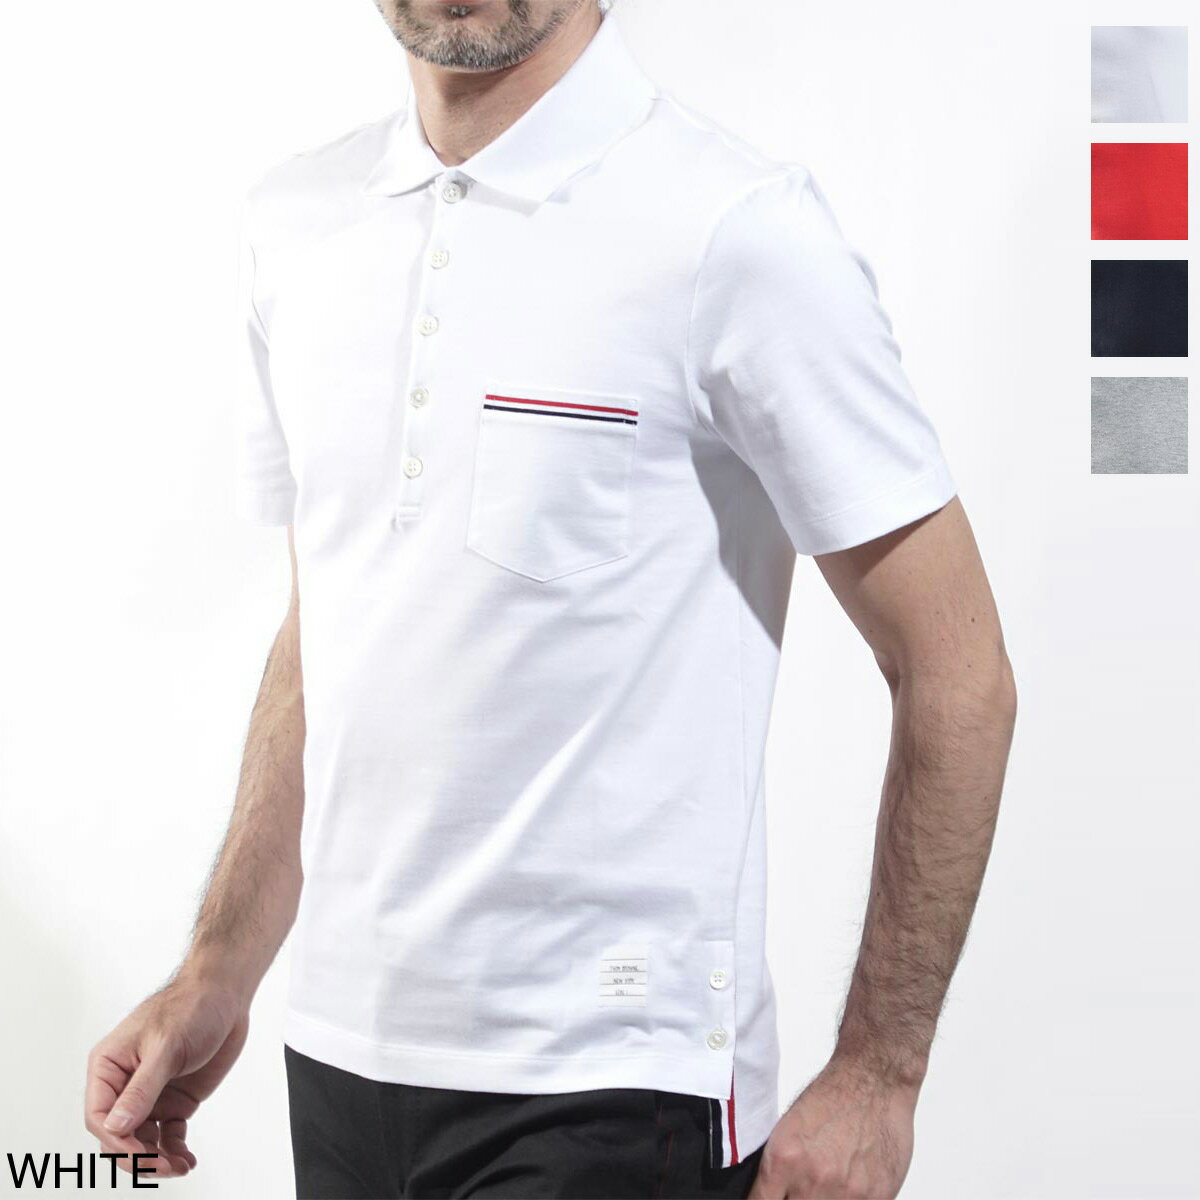 トップス, ポロシャツ 119 95950OFF THOM BROWNE. mjp060a 01454 100 SS POCKET POLO IN MEDIUM WEIGHT JERSEY COTTON